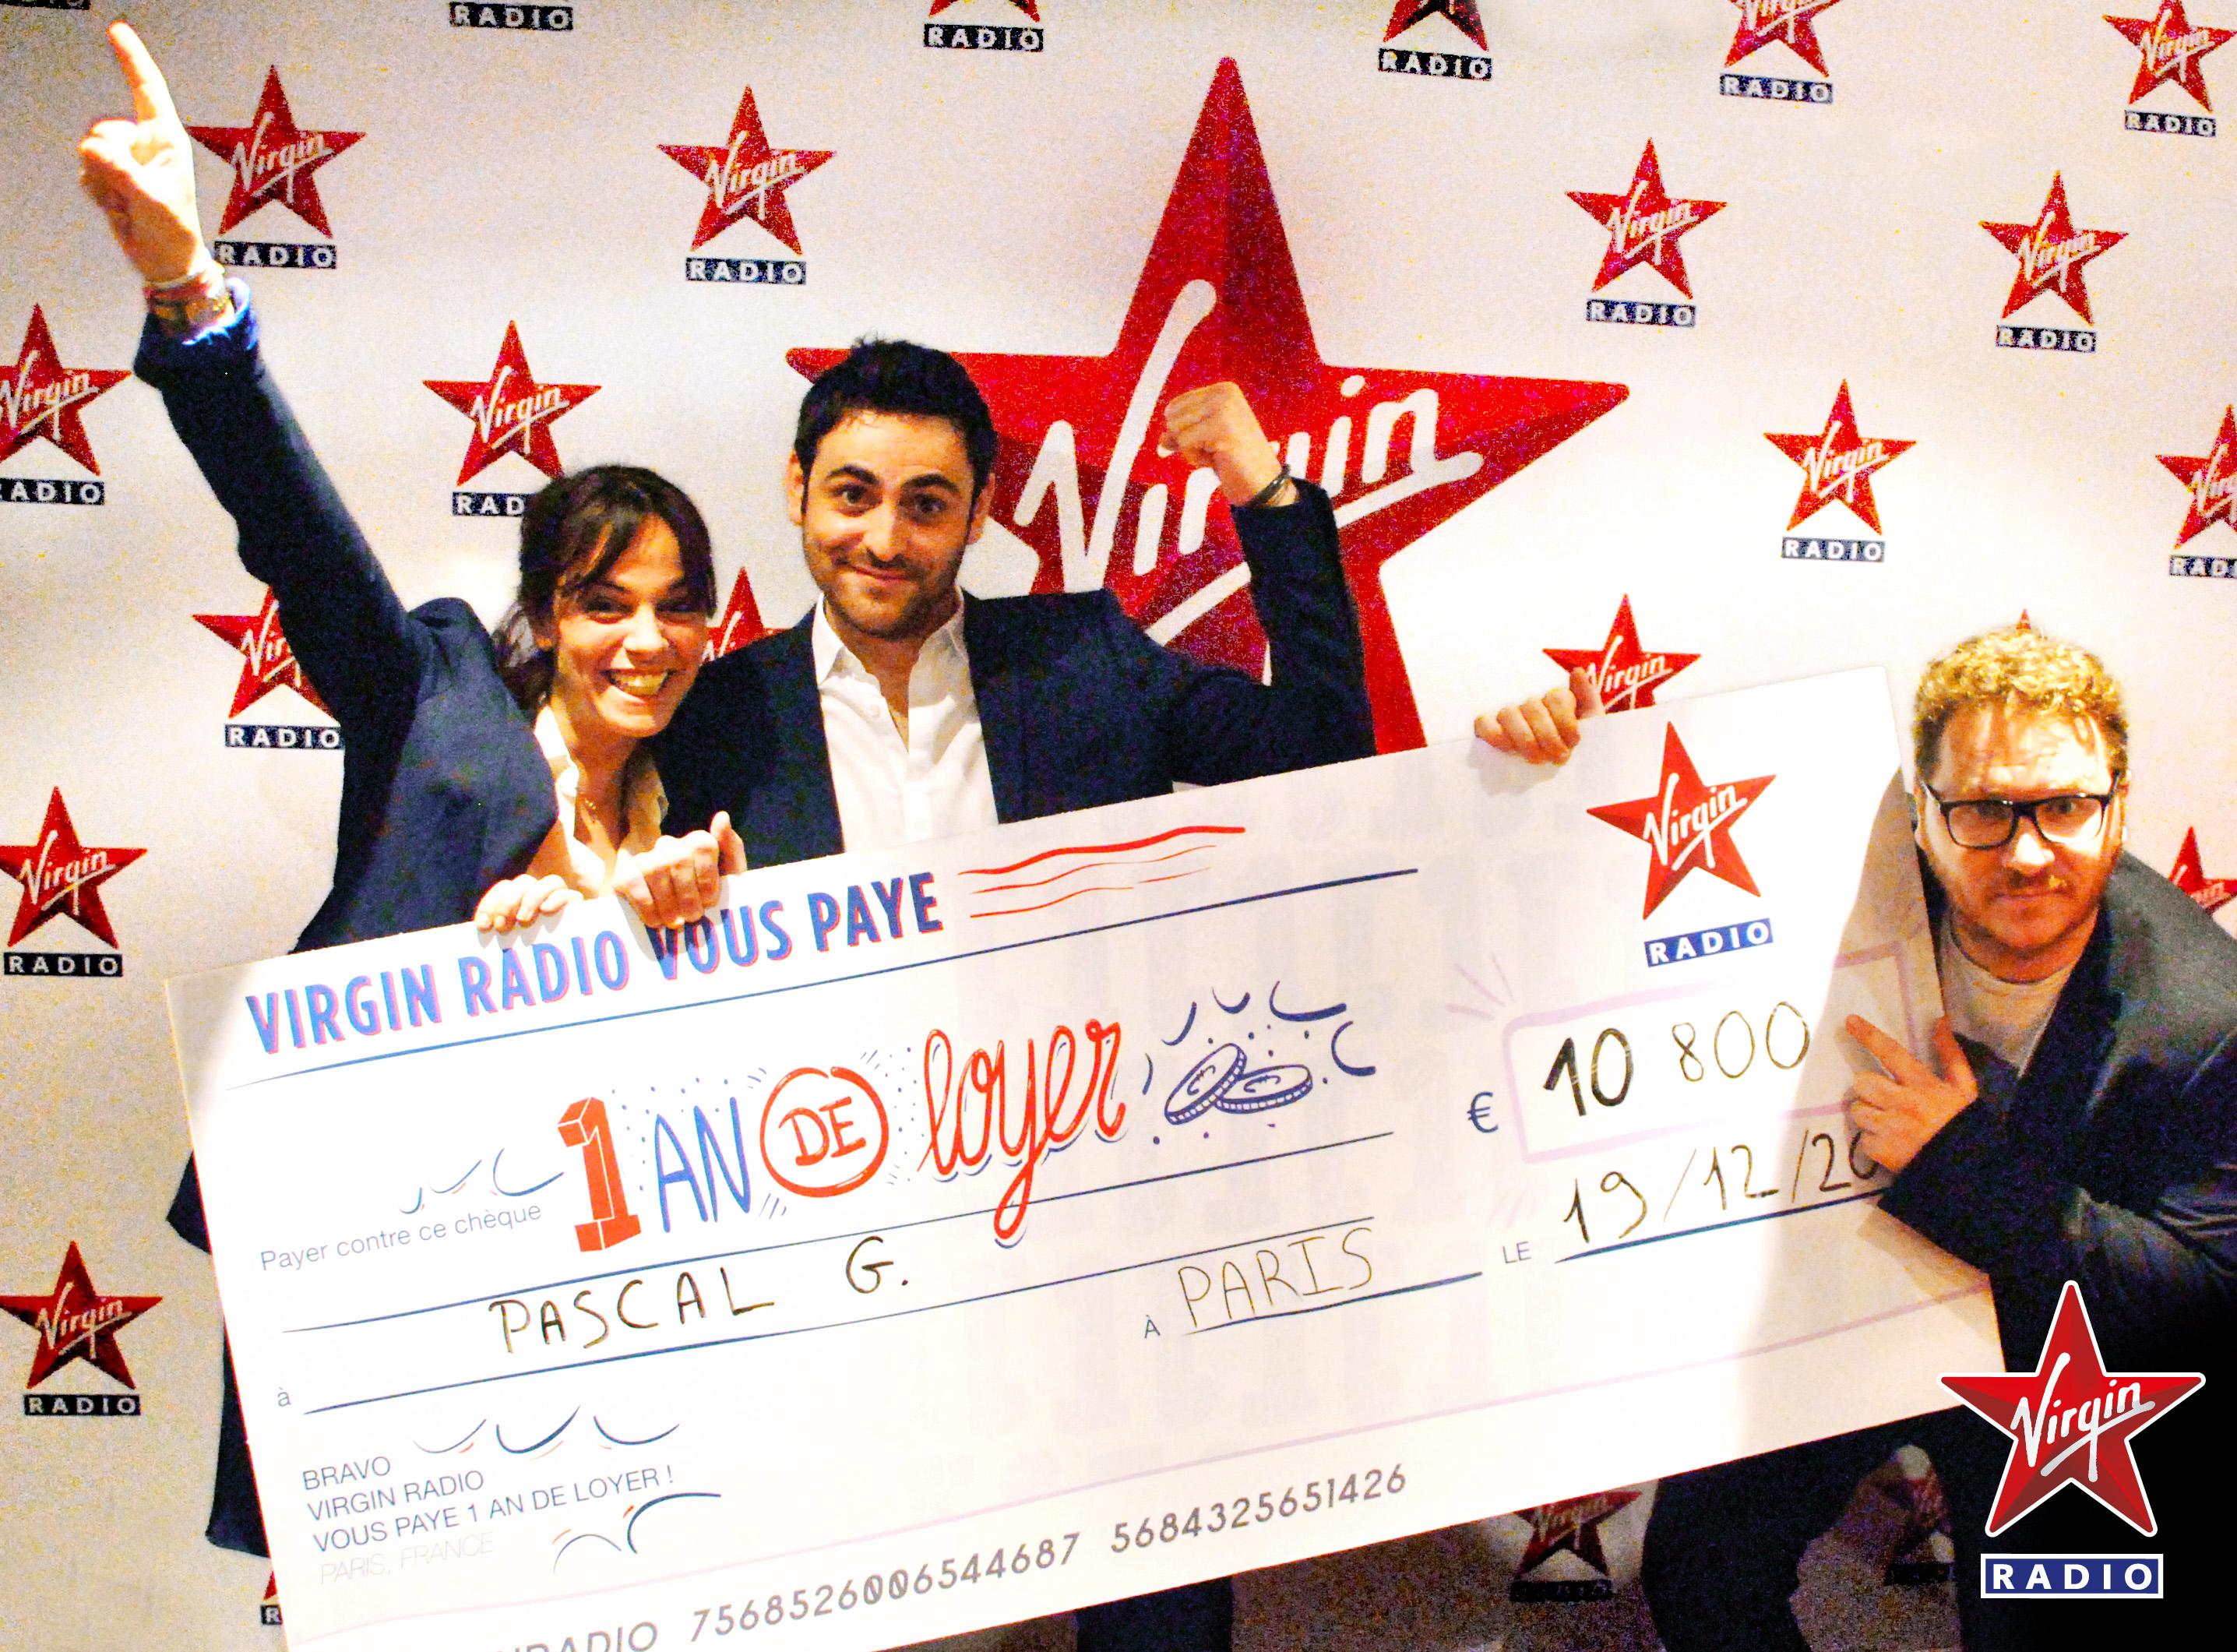 """Camille Combal, Laure et Clément de Virgin Tonic... et le """"gros"""" chèque de 10 800 euros © Virgin Radio"""